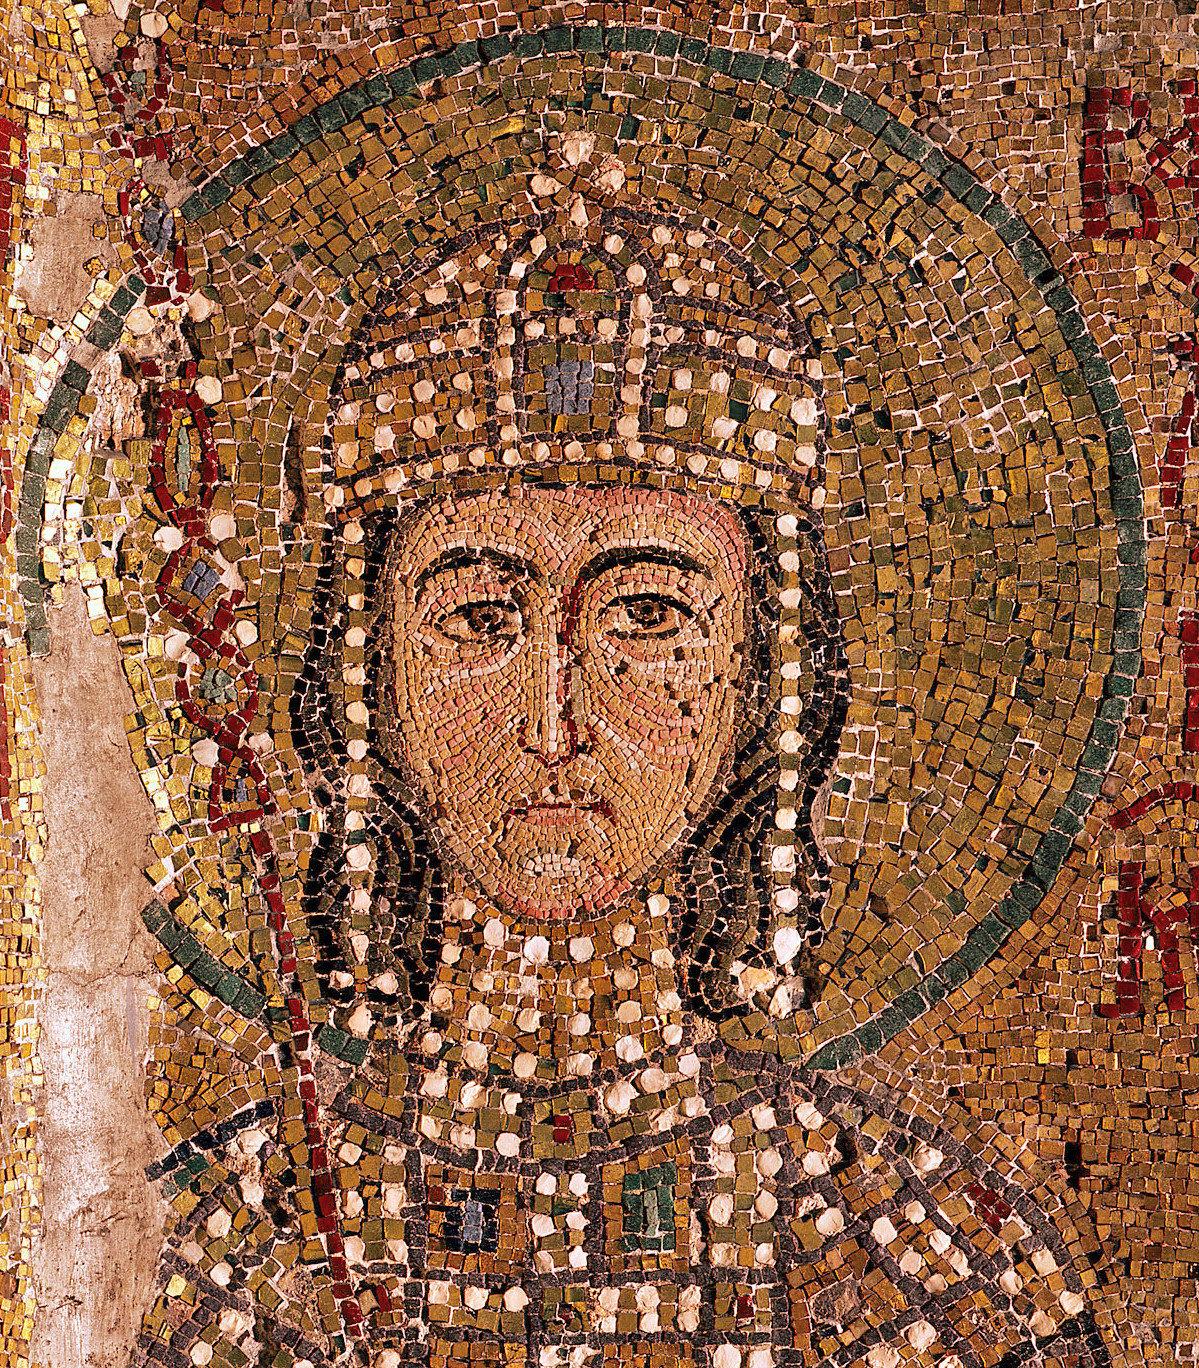 Alexios Mosaic in Hagia Sophia